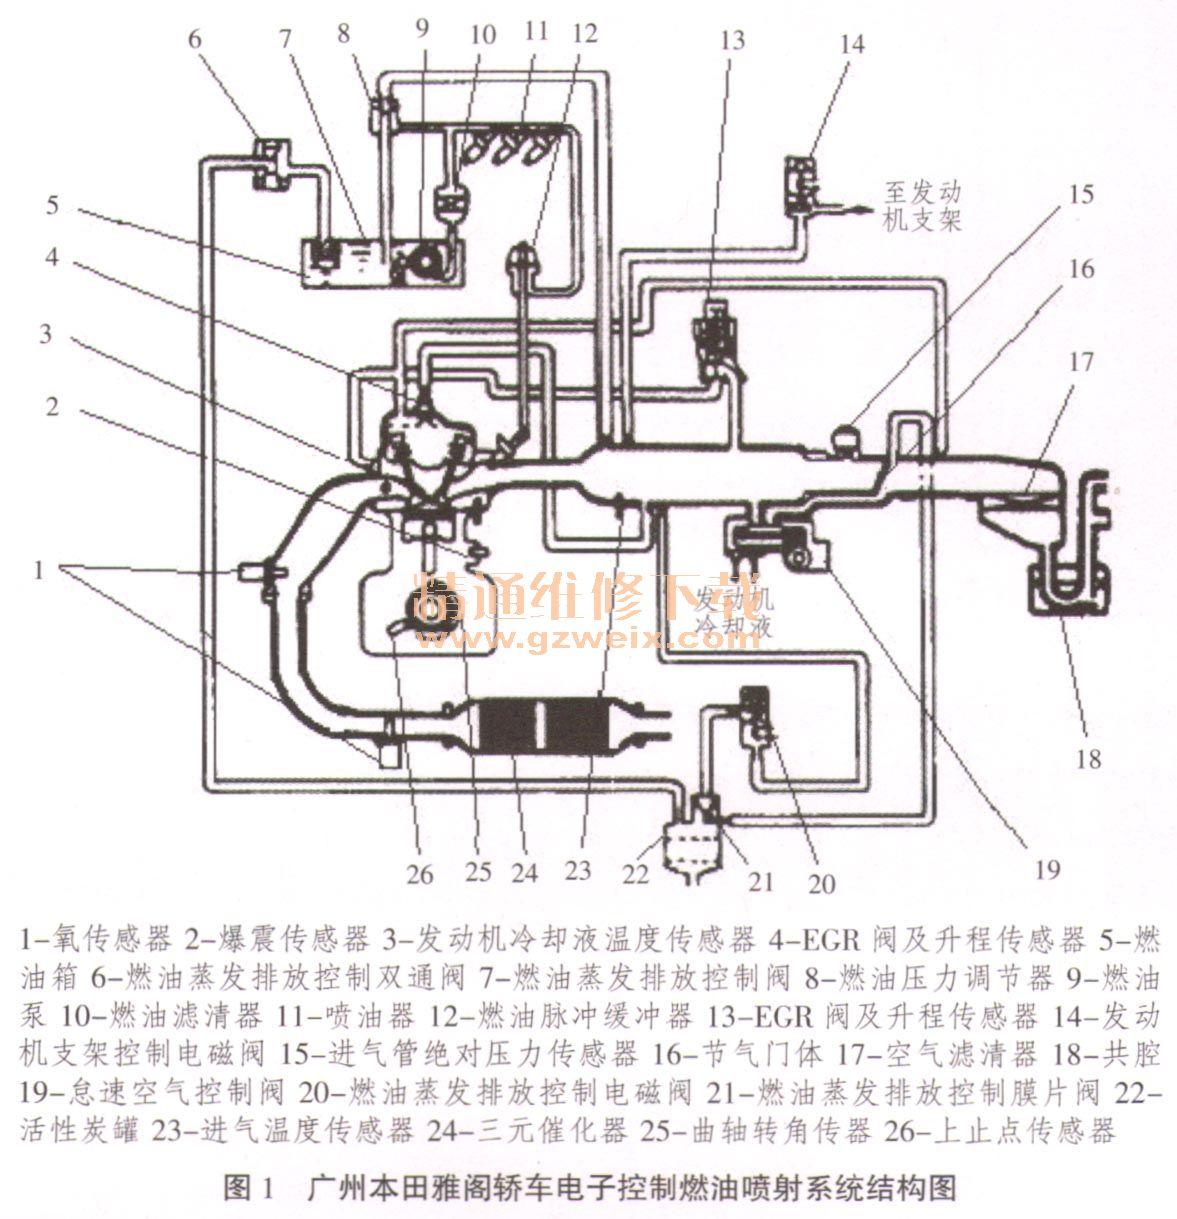 本田雅阁发动机电控系统的诊断与维修